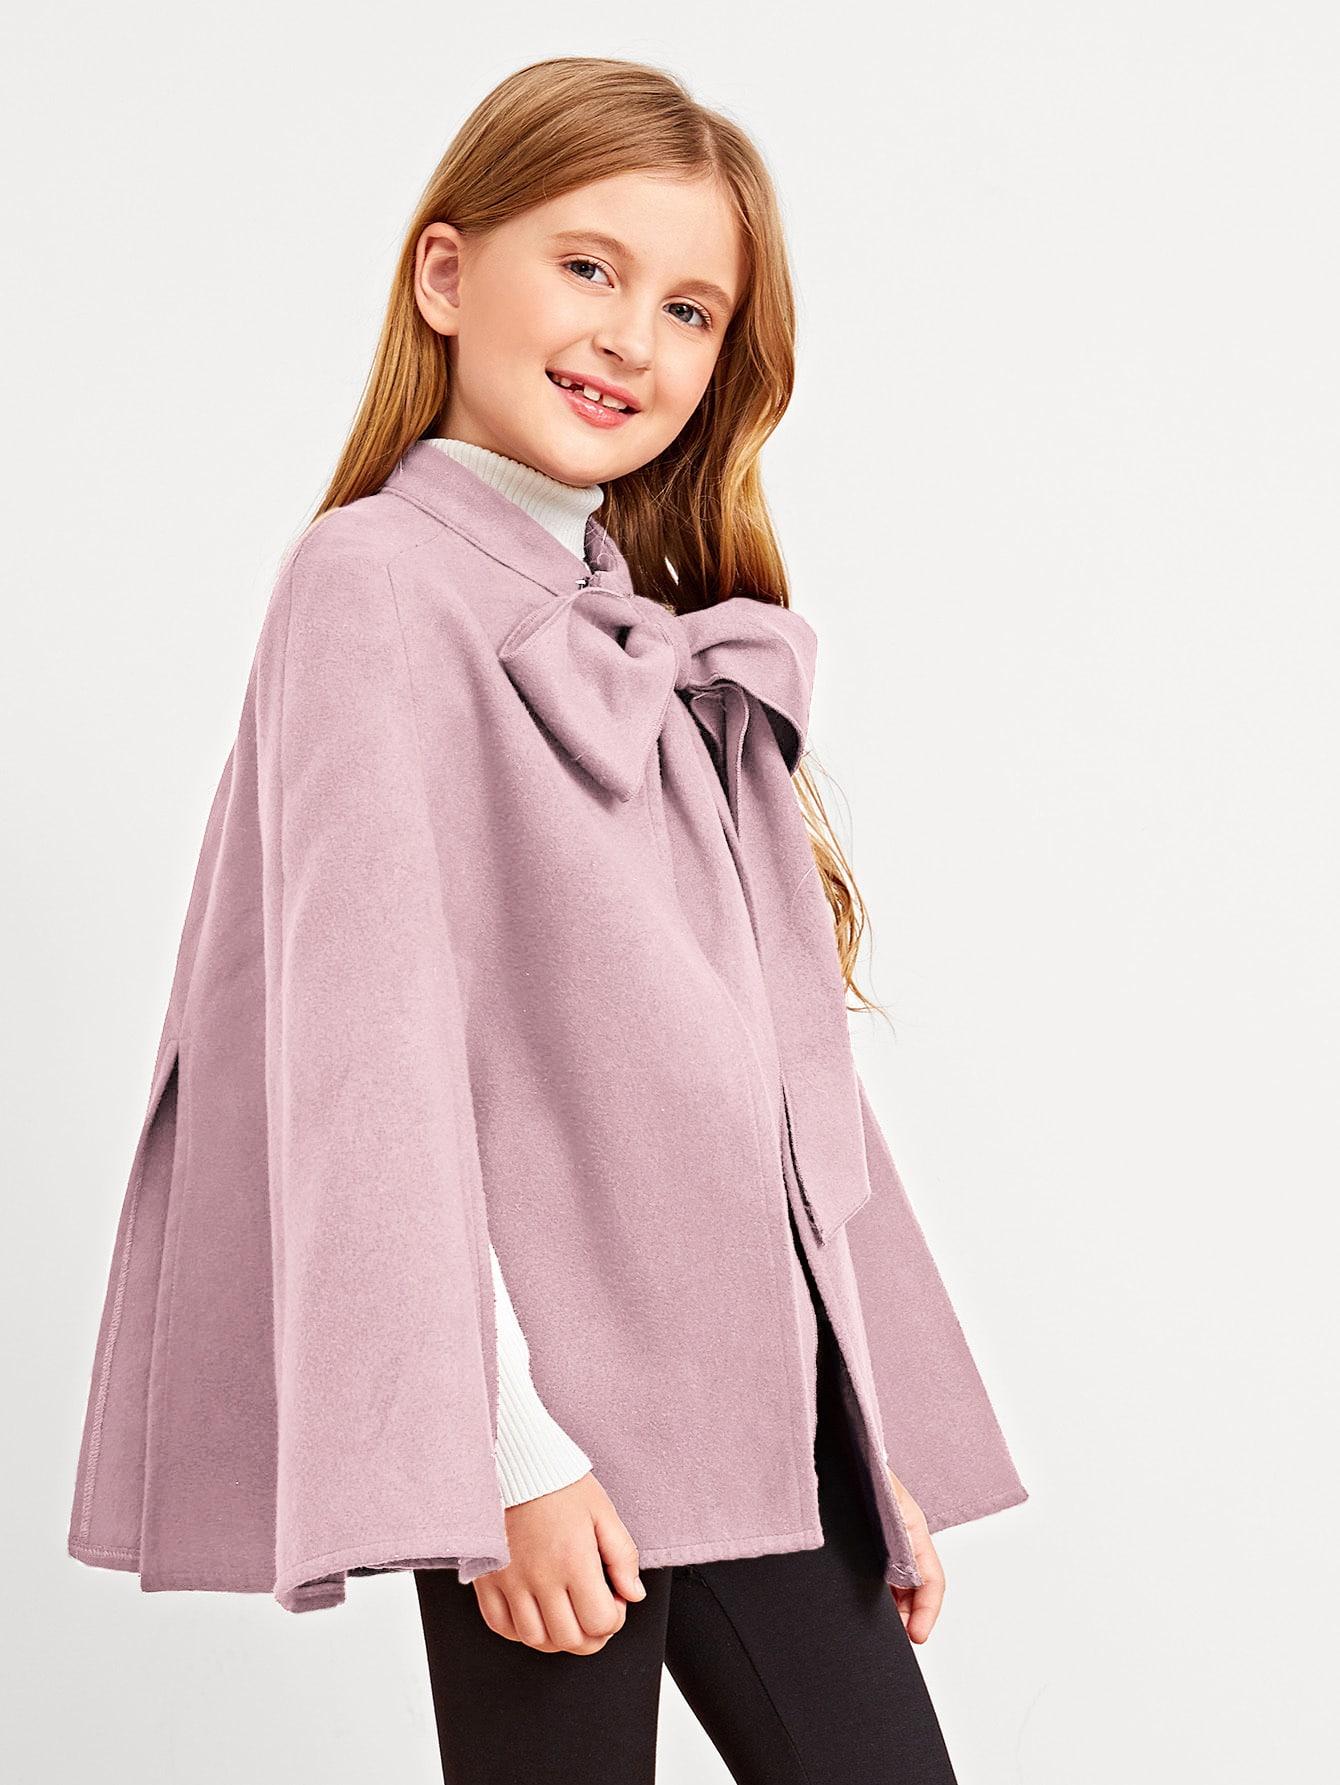 Купить Однотонное пальто-пончо с завязкой на шее для девочек, Dariab, SheIn